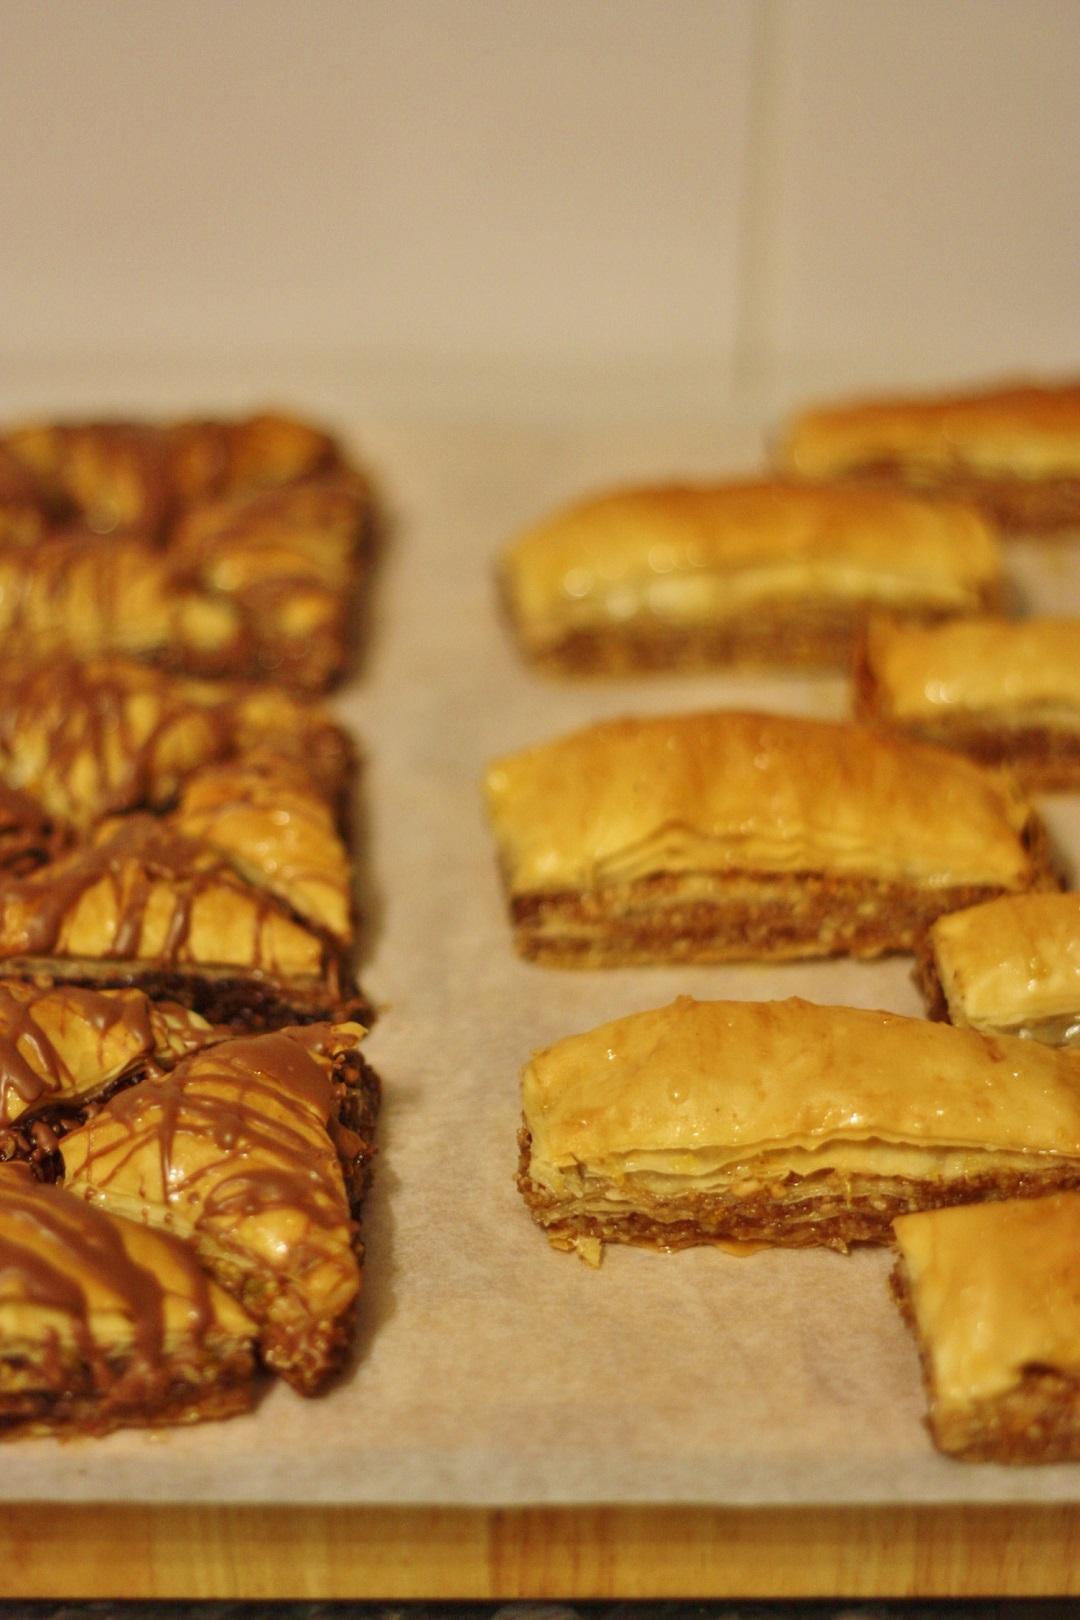 bake-off-bake-along-2016-pastry-baklava-12